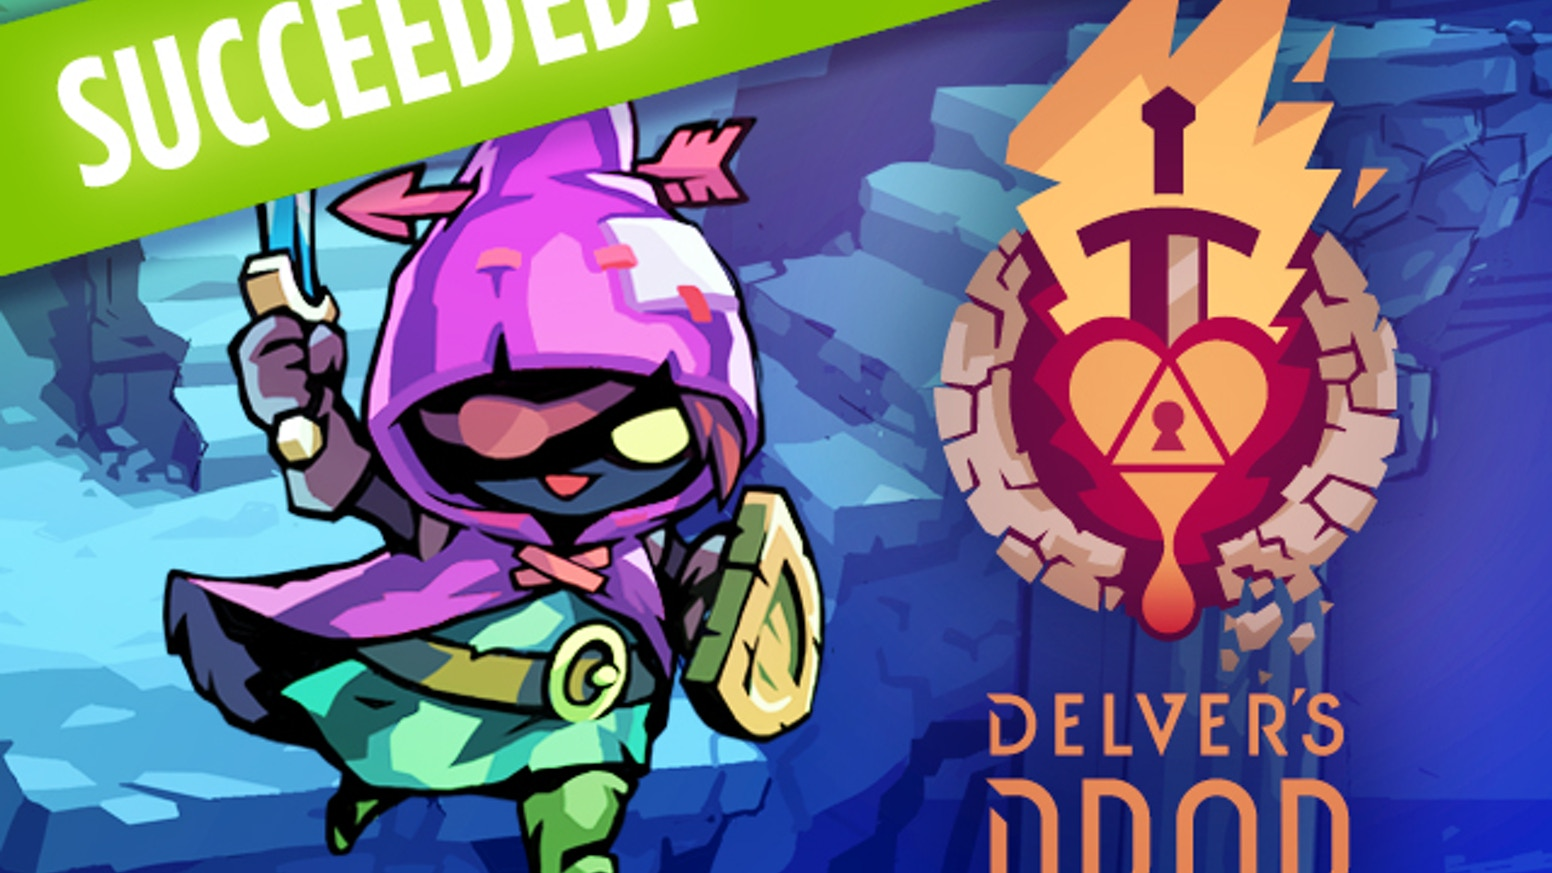 DELVER'S DROP by Pixelscopic — Kickstarter